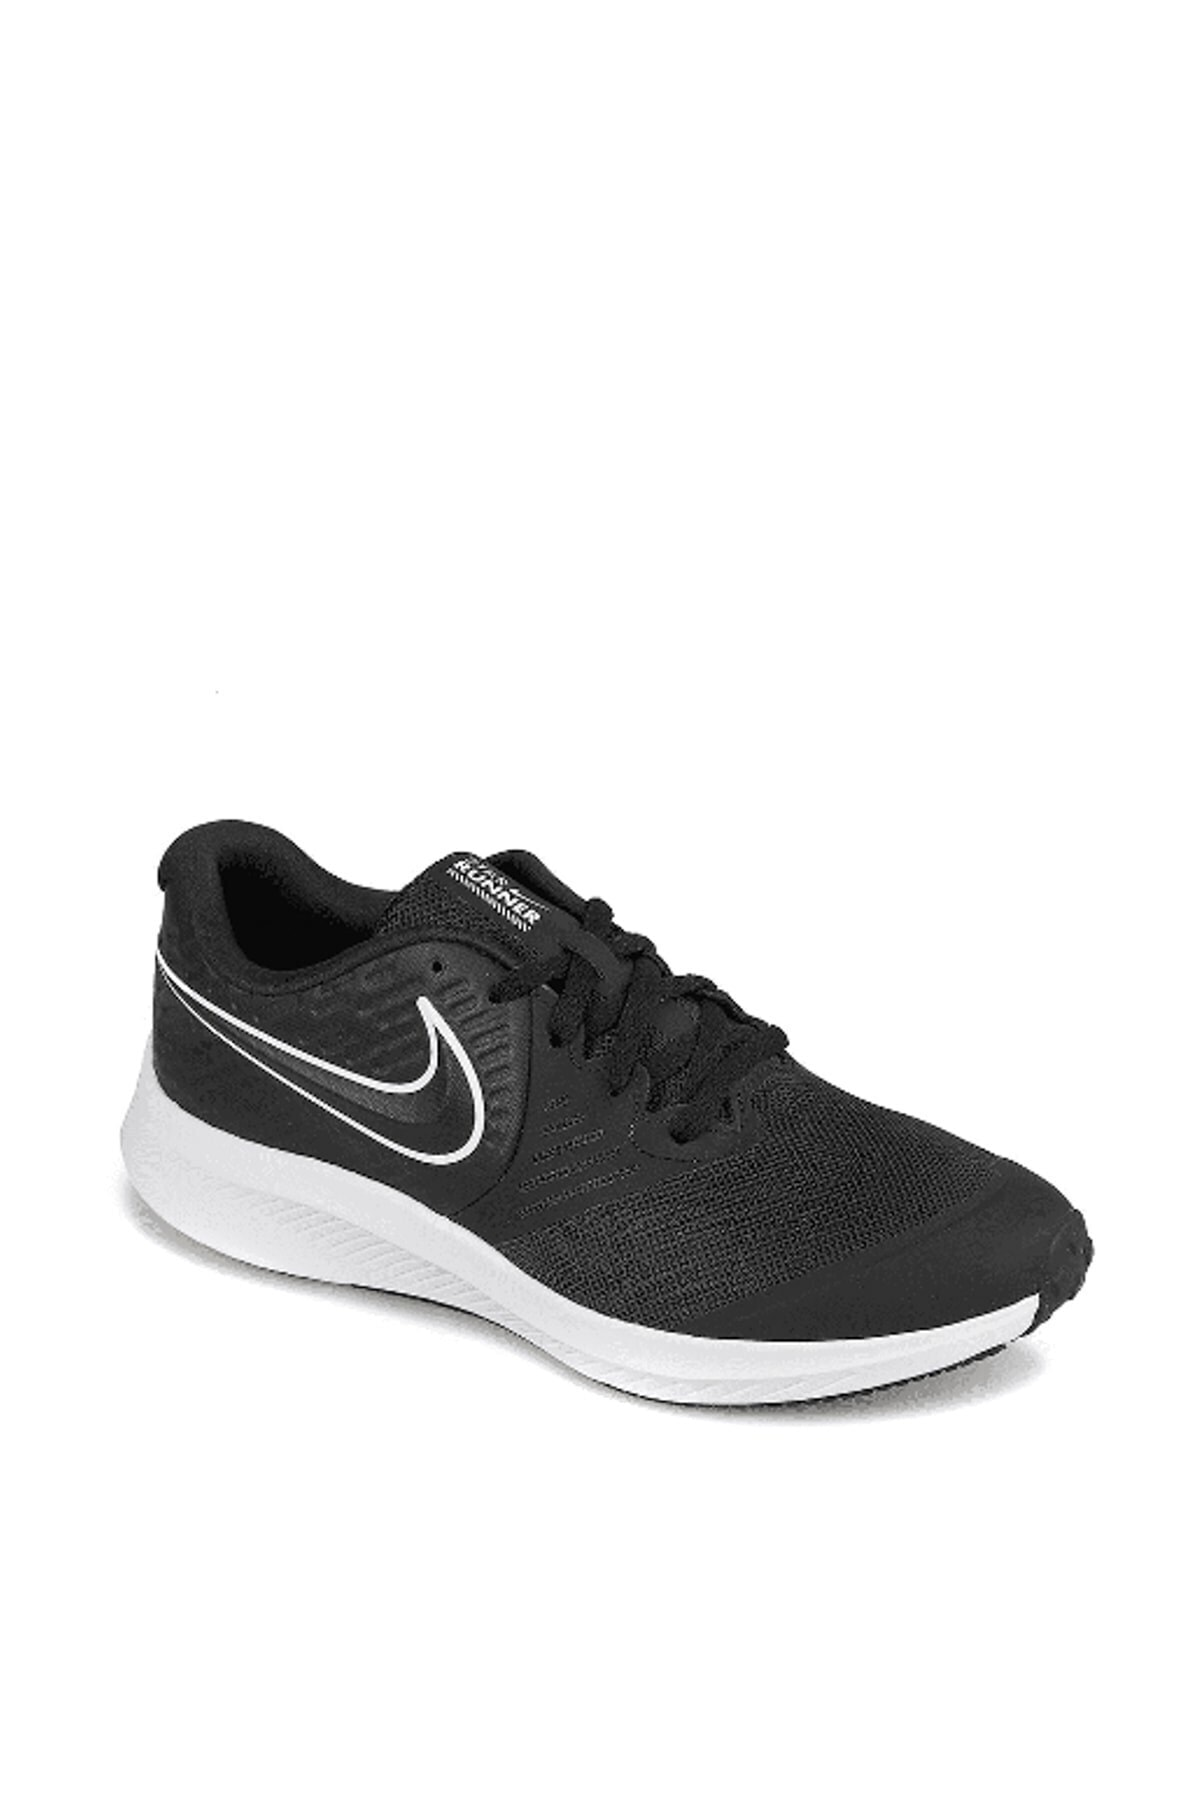 Nike Star Runner 2 Kadın Siyah Spor Ayakkabı Aq3542-001 2